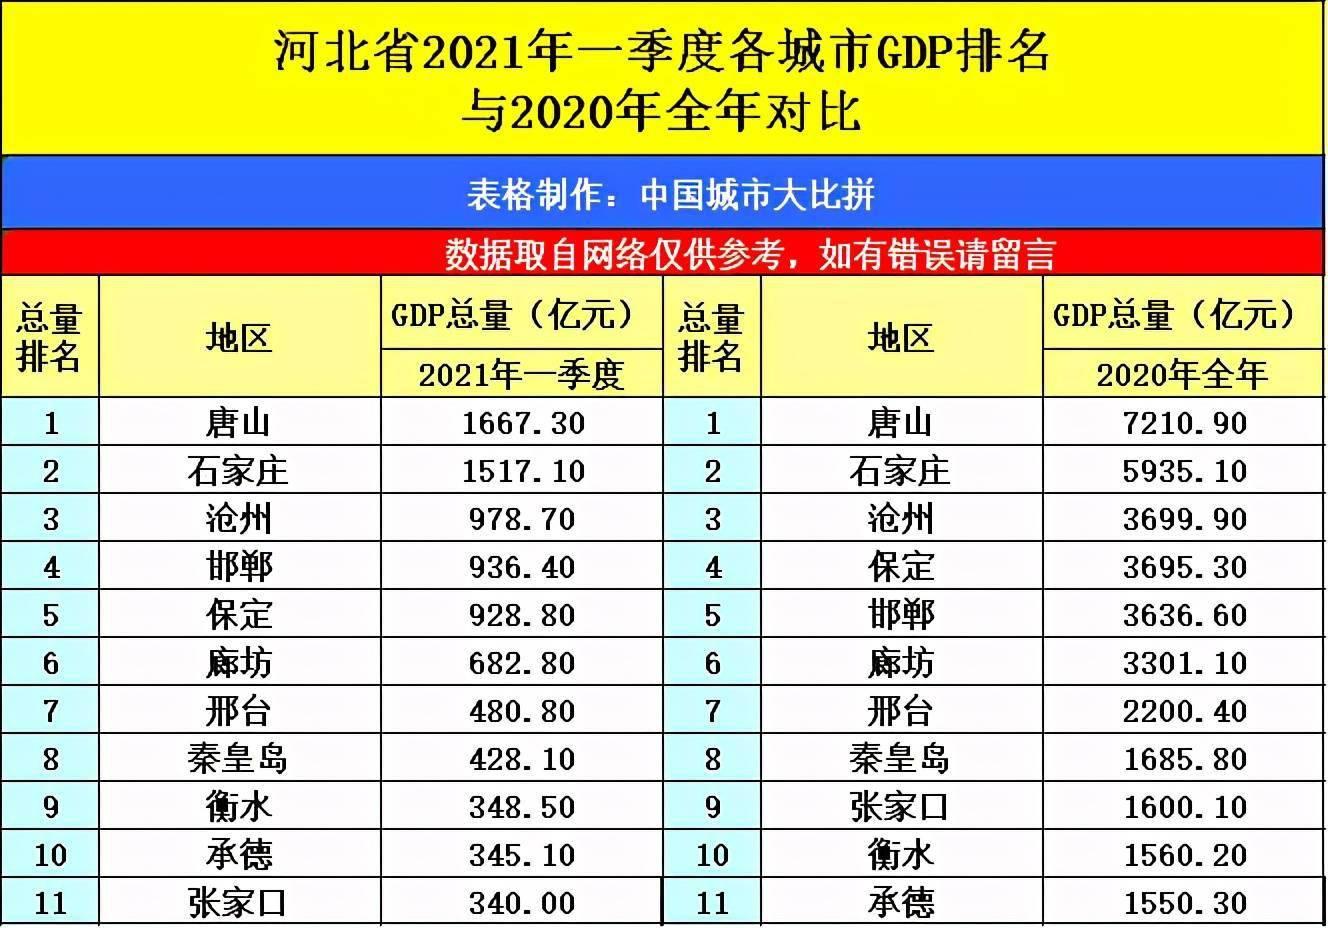 河北各市2021第一季度gdp_福建泉州与山西太原的2021年一季度GDP谁更高